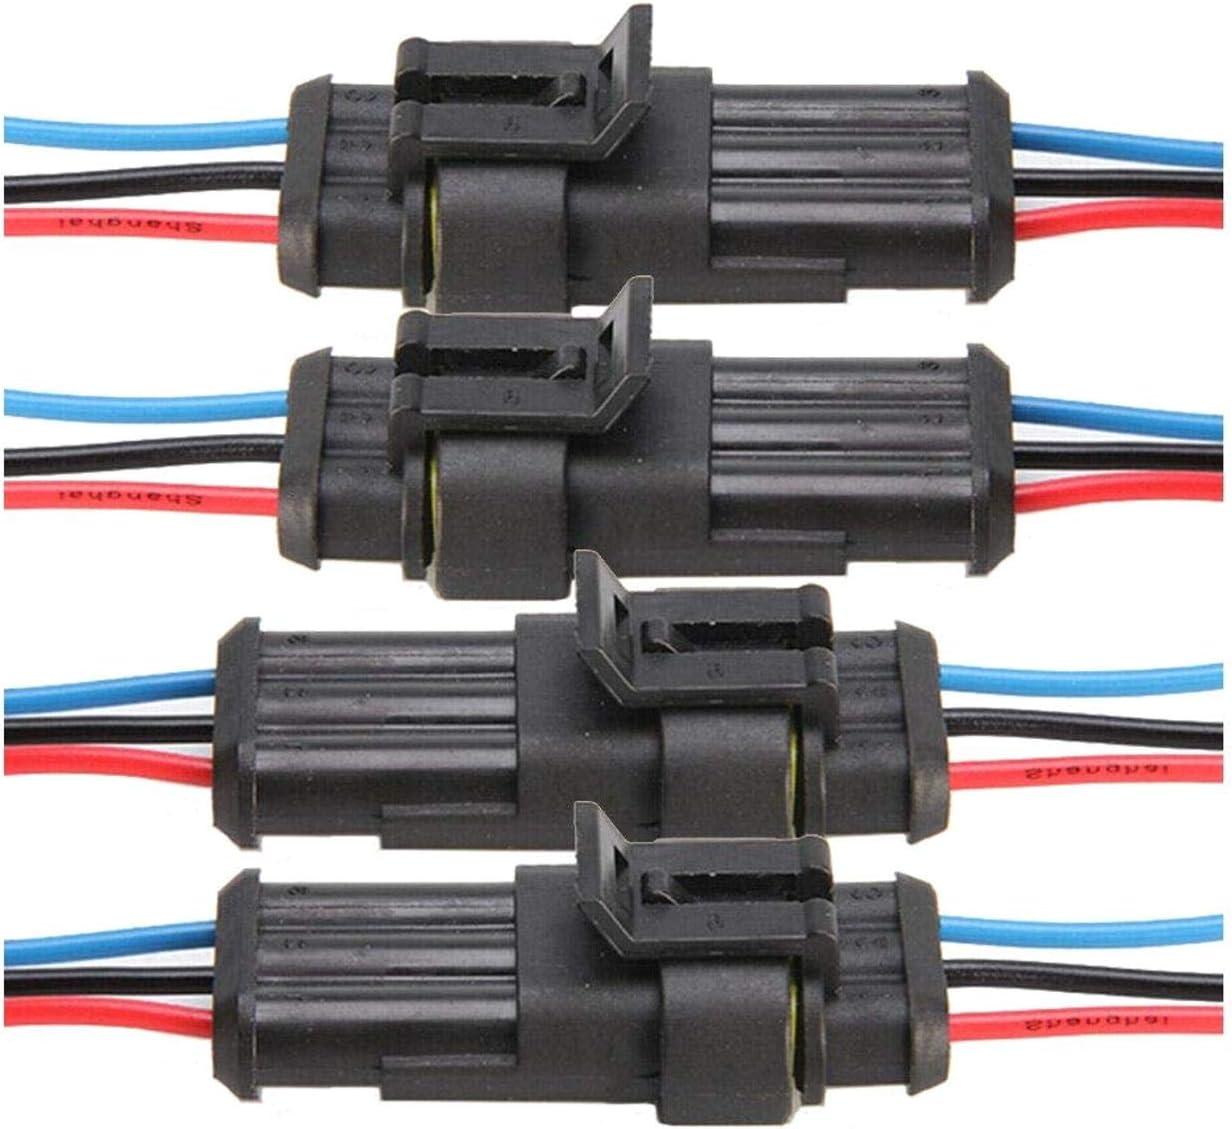 ZXYAN 3 Pin 10 Kit Connettore Filo Elettrico Spina 20-16 AWG IP67 Custodia in Nylon PA66 Impermeabile Prese terminali Serie 1.5mm Spina CA//CC